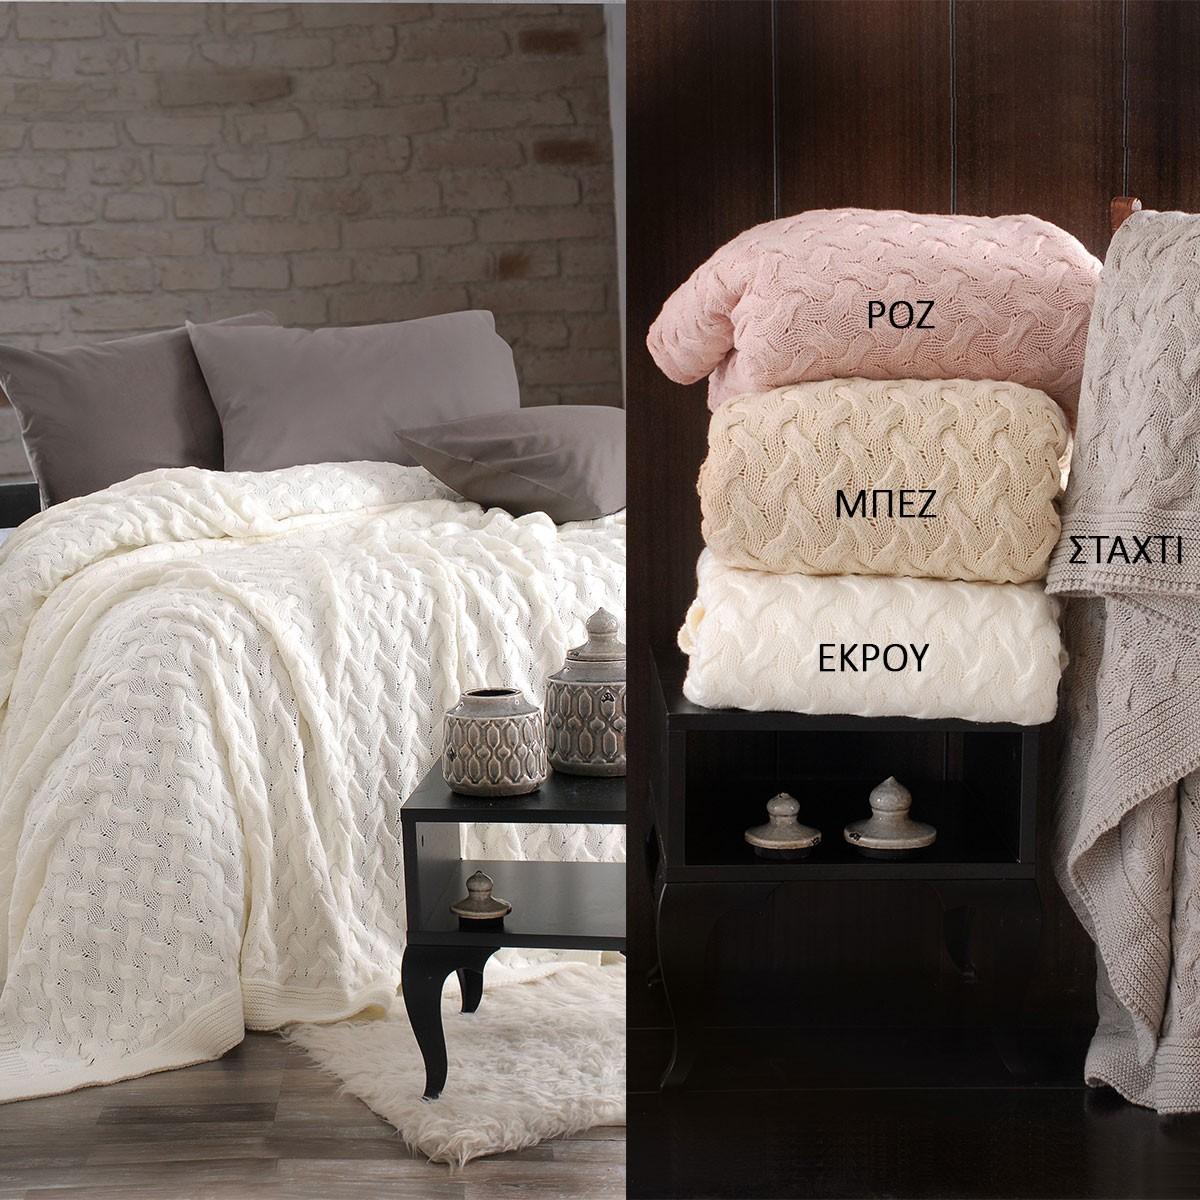 Κουβέρτα Πλεκτή Υπέρδιπλη Rythmos Tzortzia home   κρεβατοκάμαρα   κουβέρτες   κουβέρτες πλεκτές